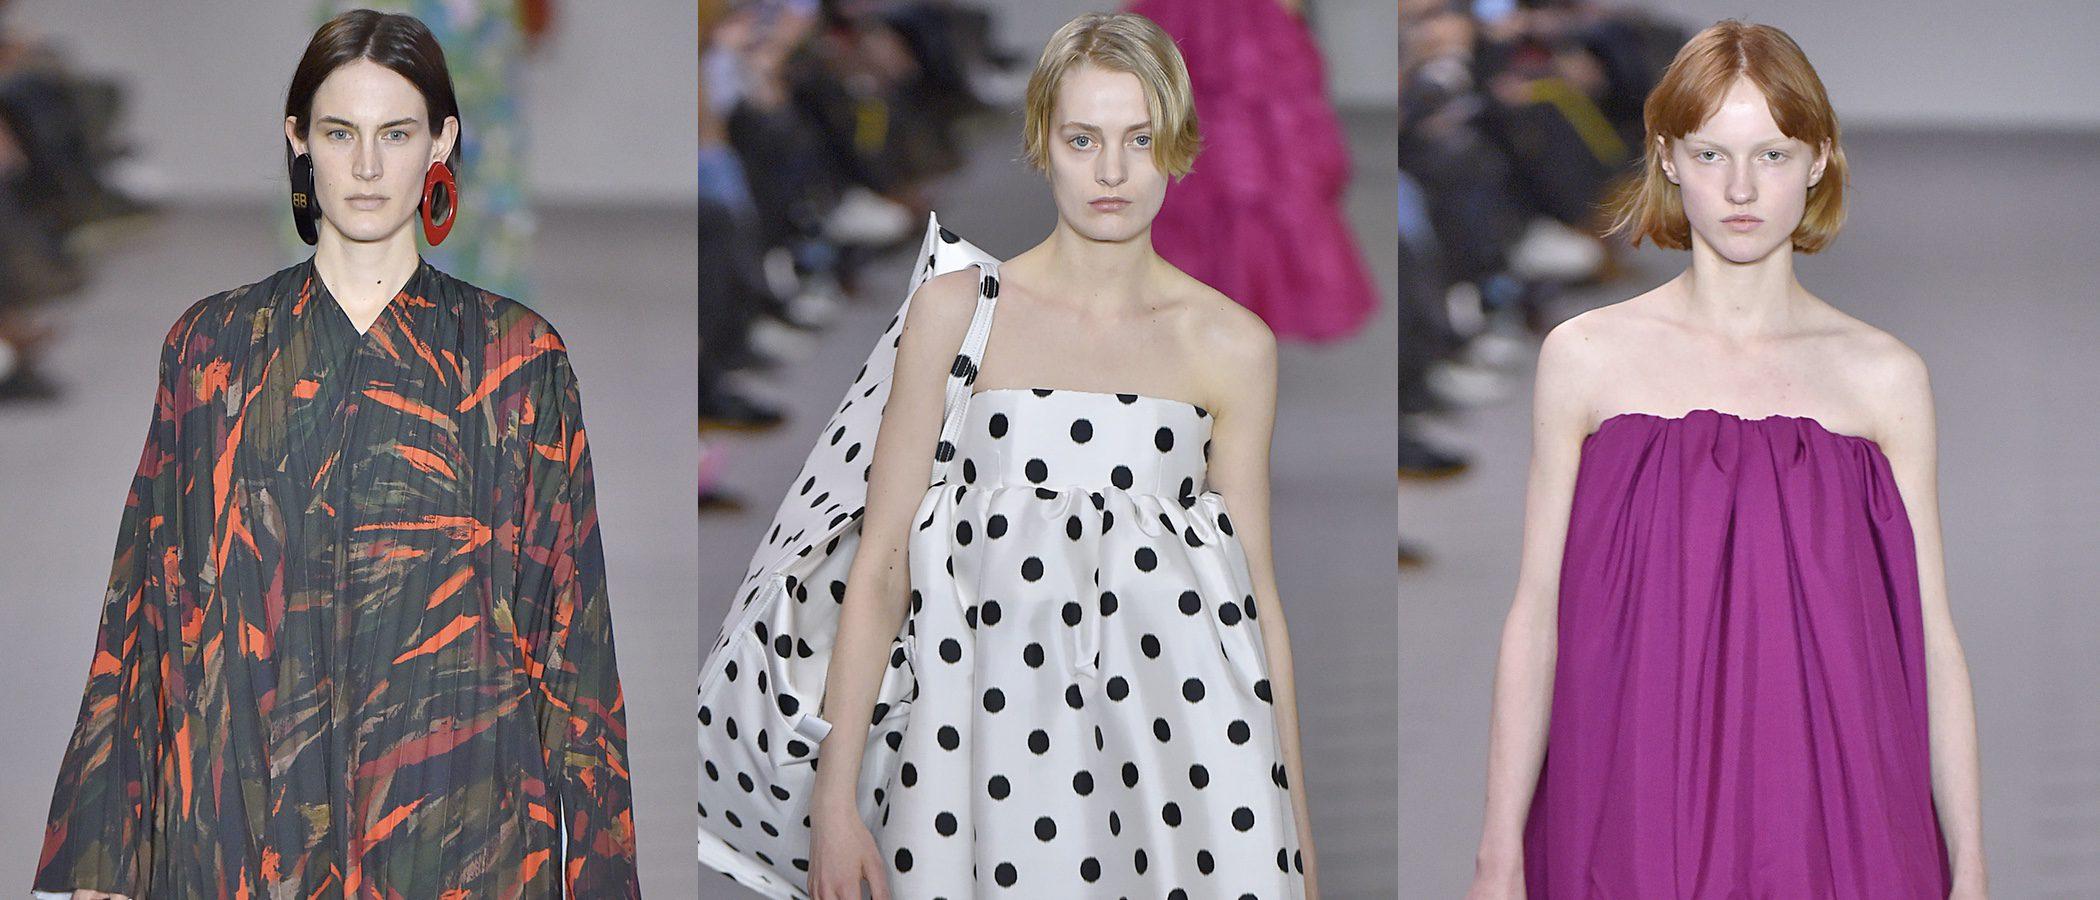 Vestidos saco, volúmenes y asimetrías protagonizan la colección de Balenciaga de Paris Fashion Week